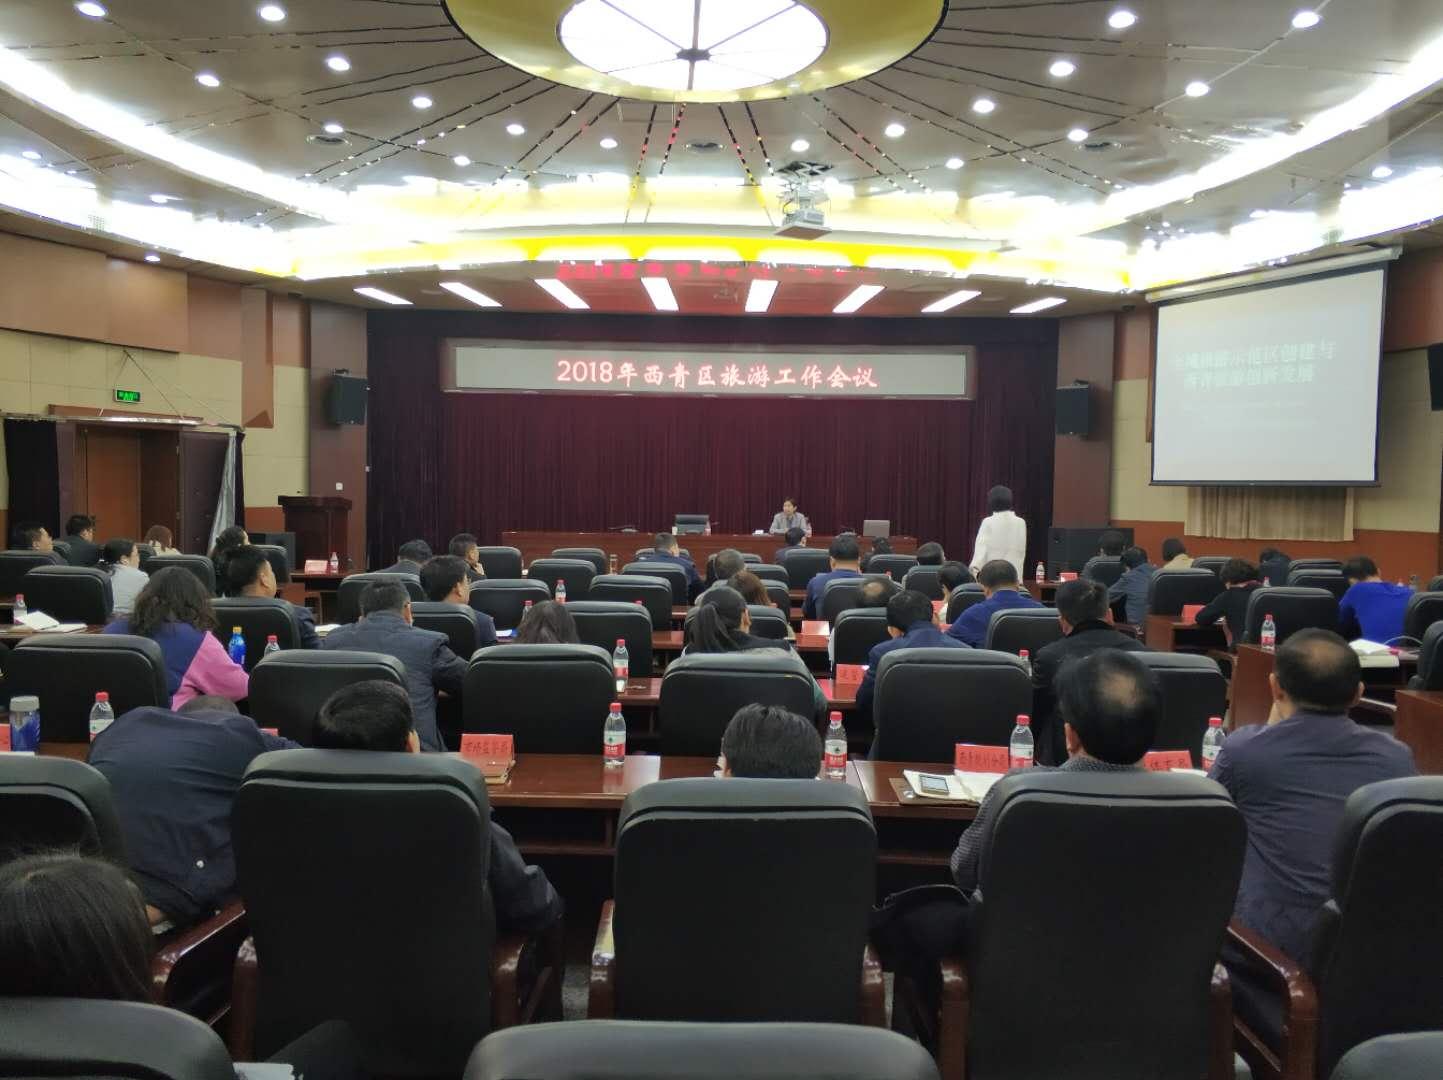 西青区召开2018年旅游工作会议 推动西青旅游业高质量发展